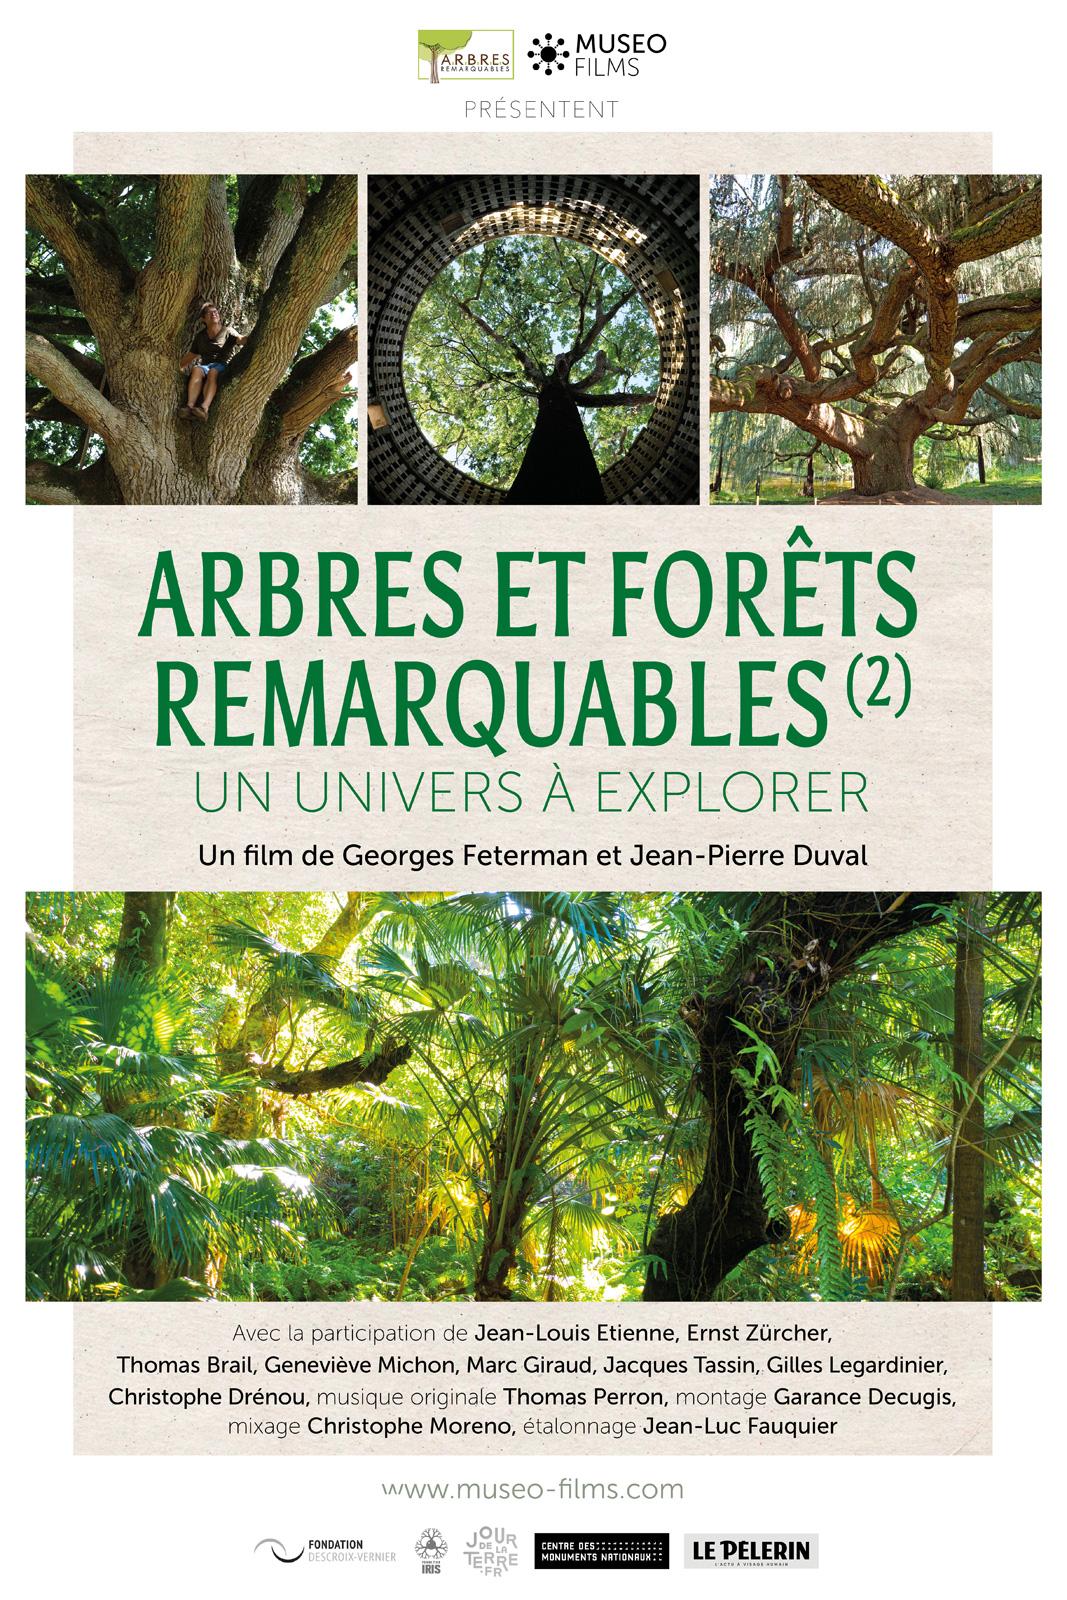 Arbres et forêts Remarquables, un univers à explorer